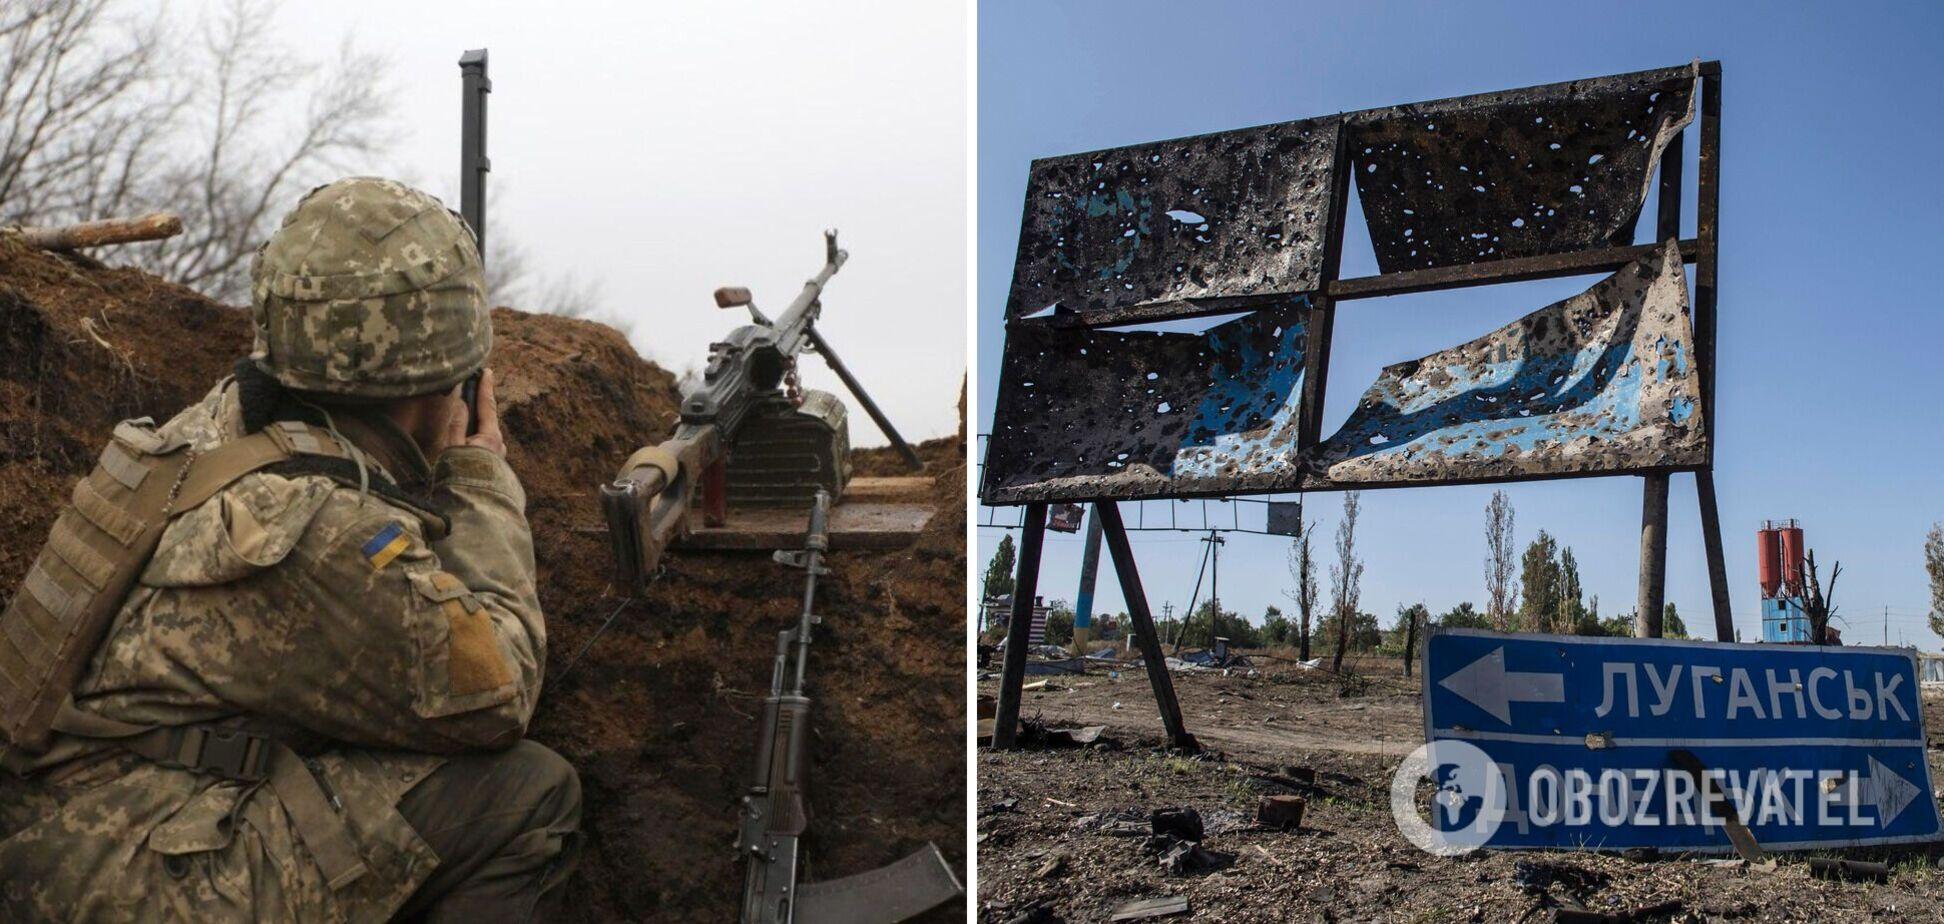 Оккупанты обстреляли ВСУ на Донбассе, украинские военные открыли огонь в ответ